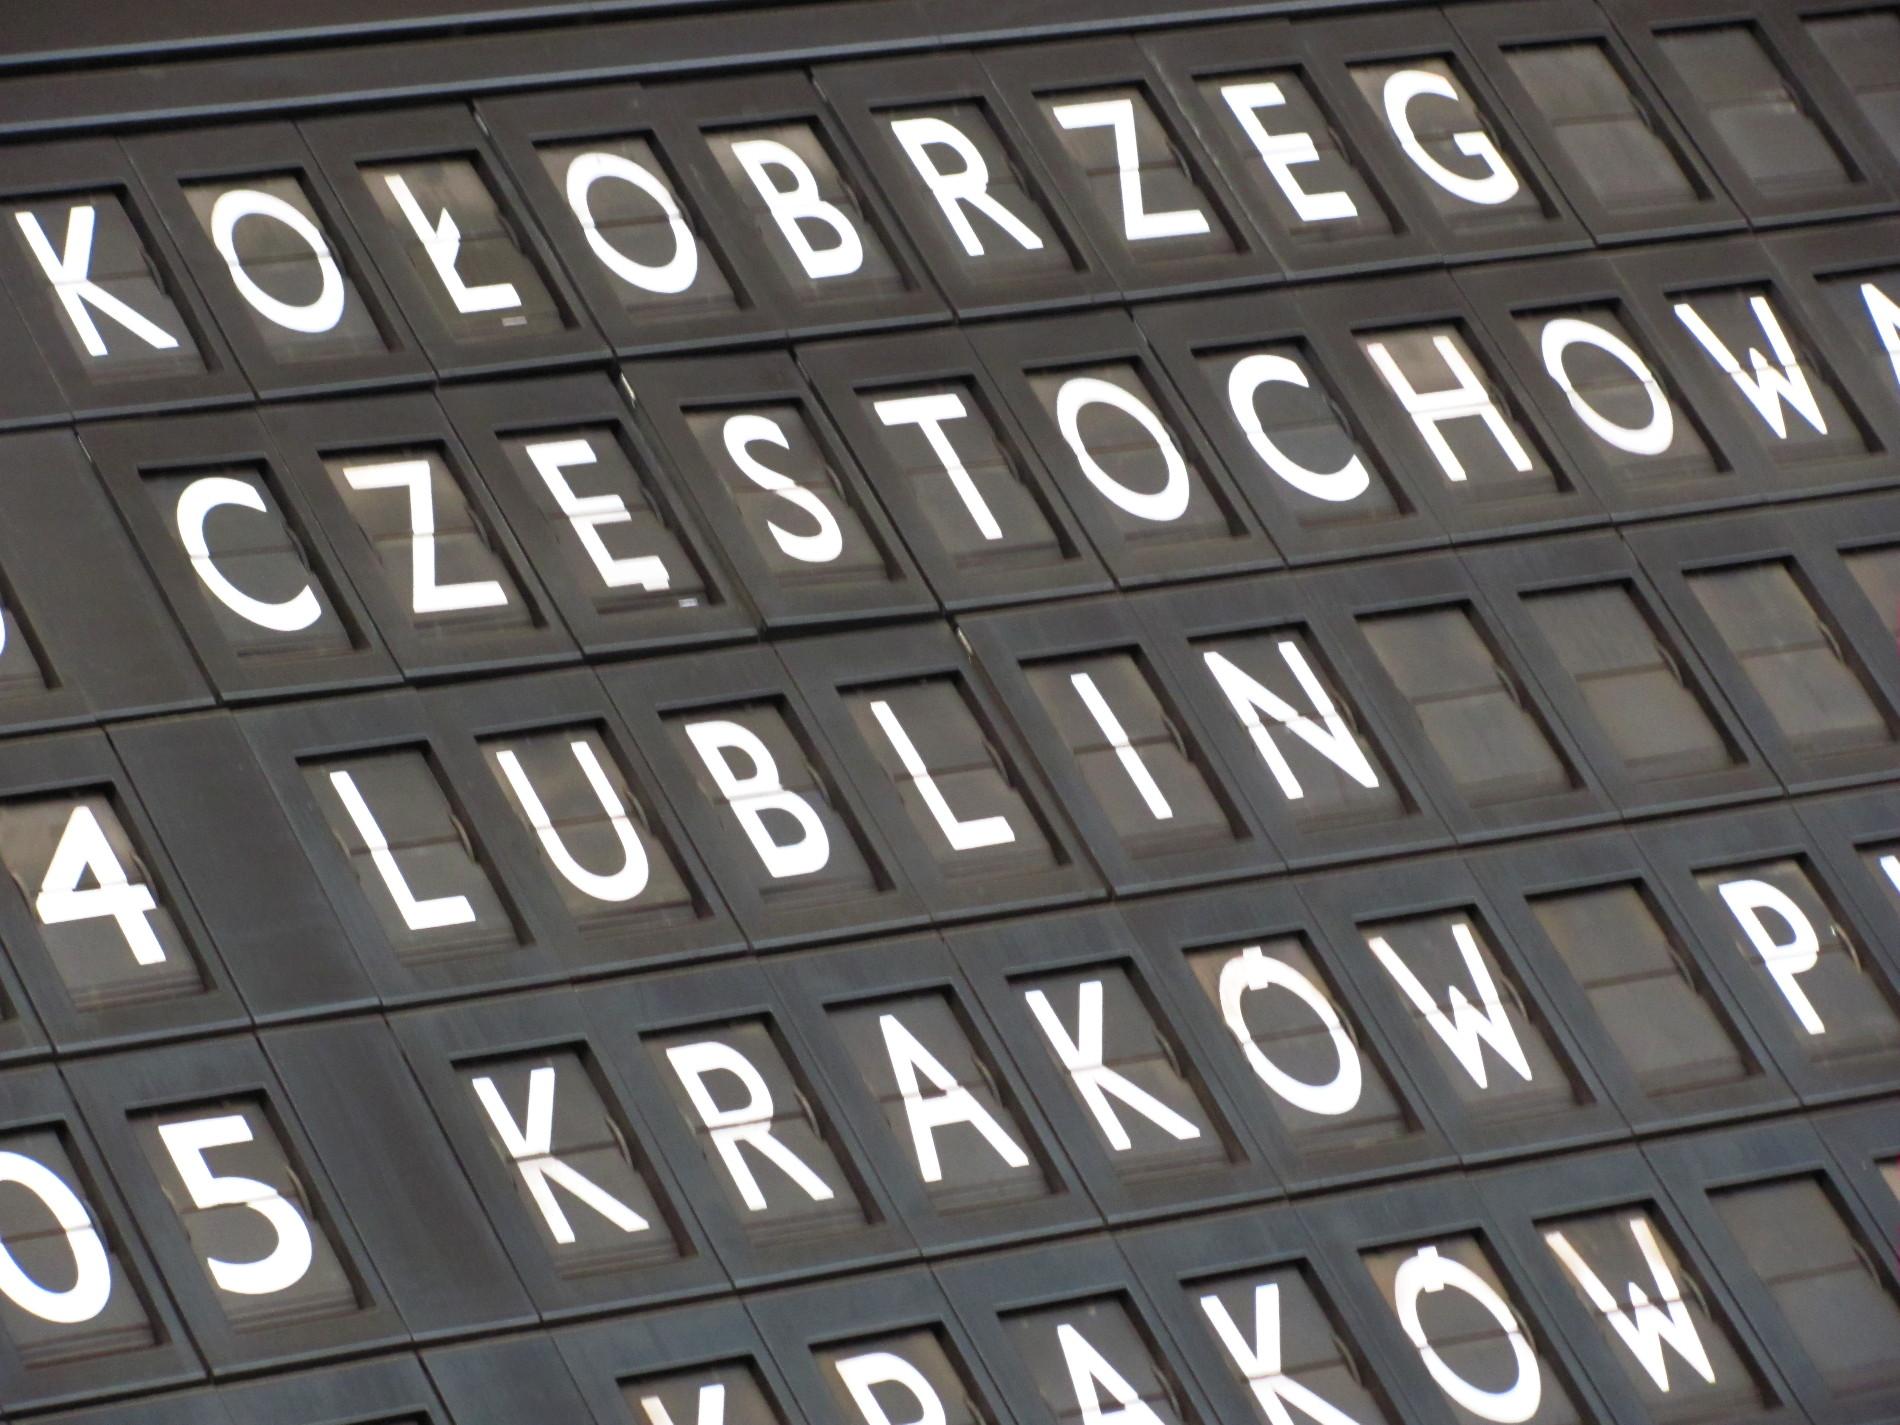 Z Rumi Janowa do Lublina przez Częstochowę. Trzech przewoźników i jeden bilet. Pakiet Podróżnika już w sprzedaży